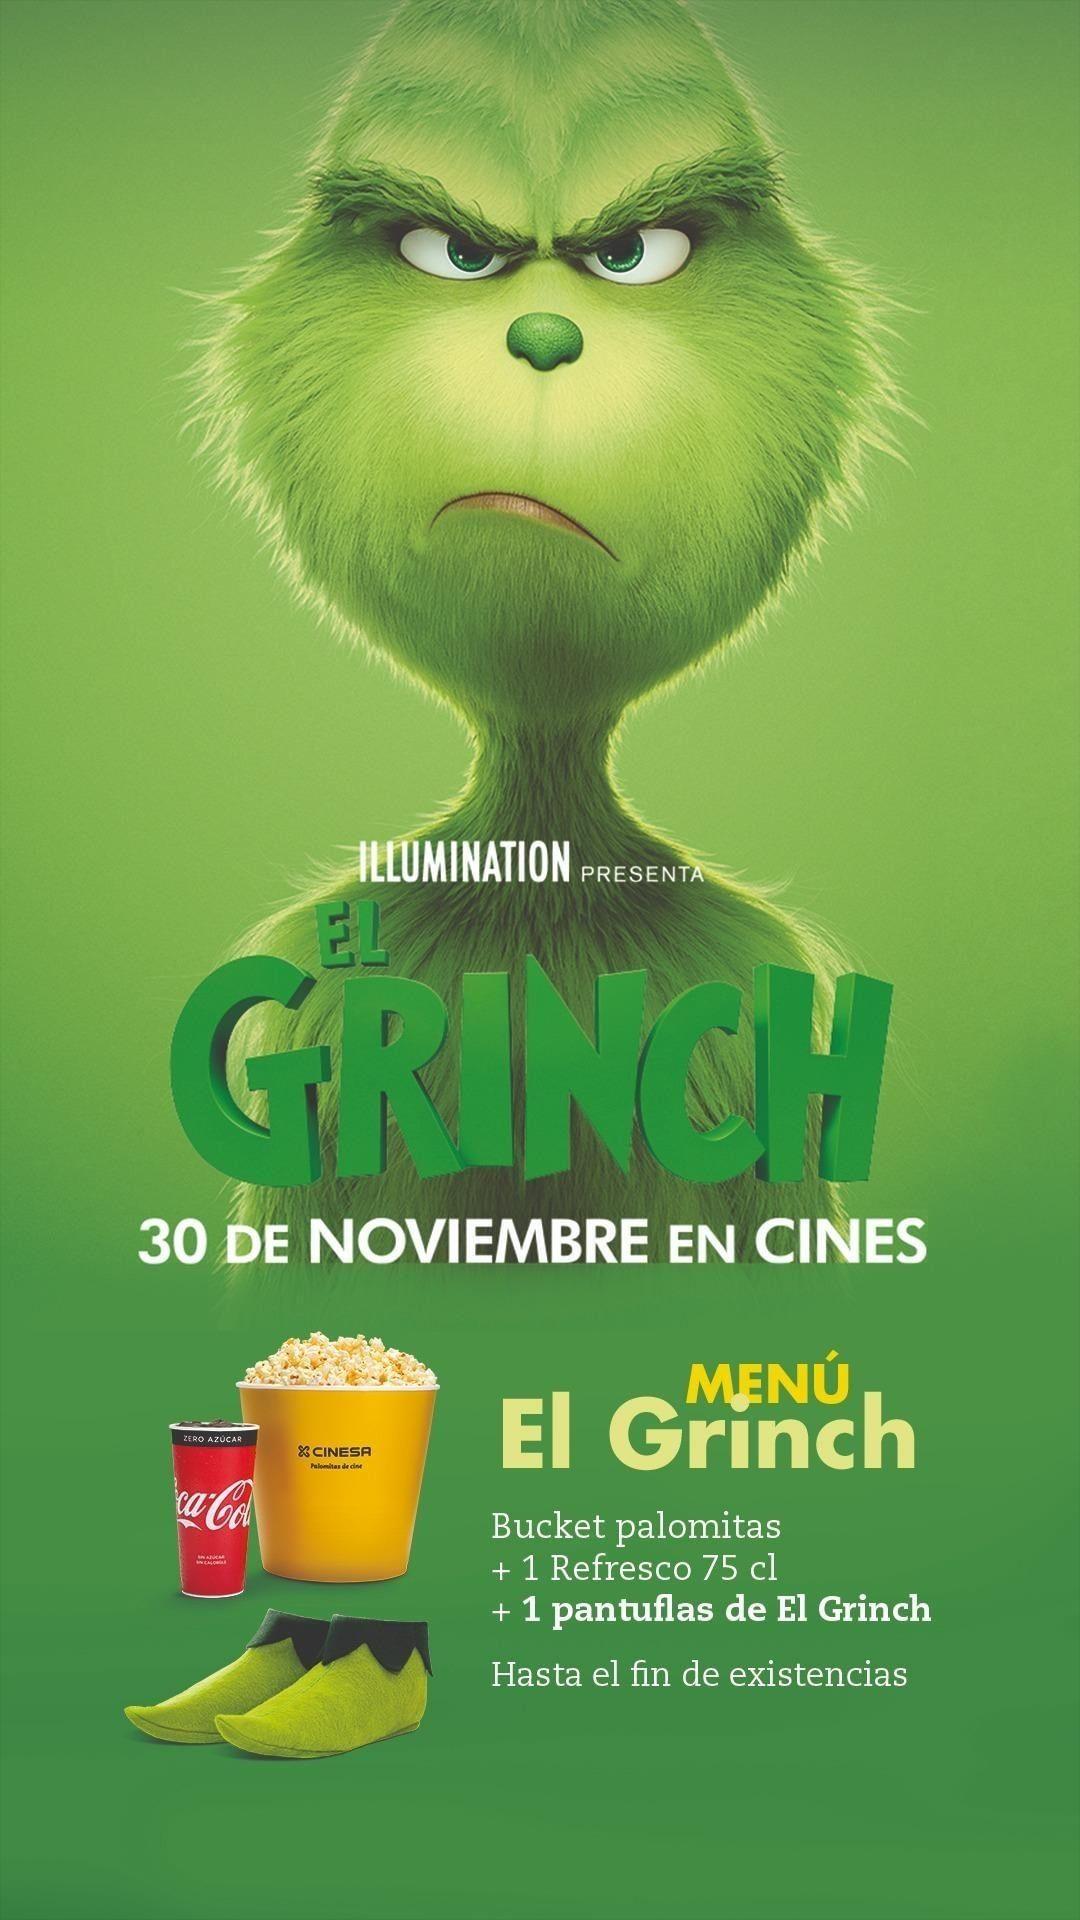 Pegatinas gratis del Grinch con tu entrada para la nueva película!